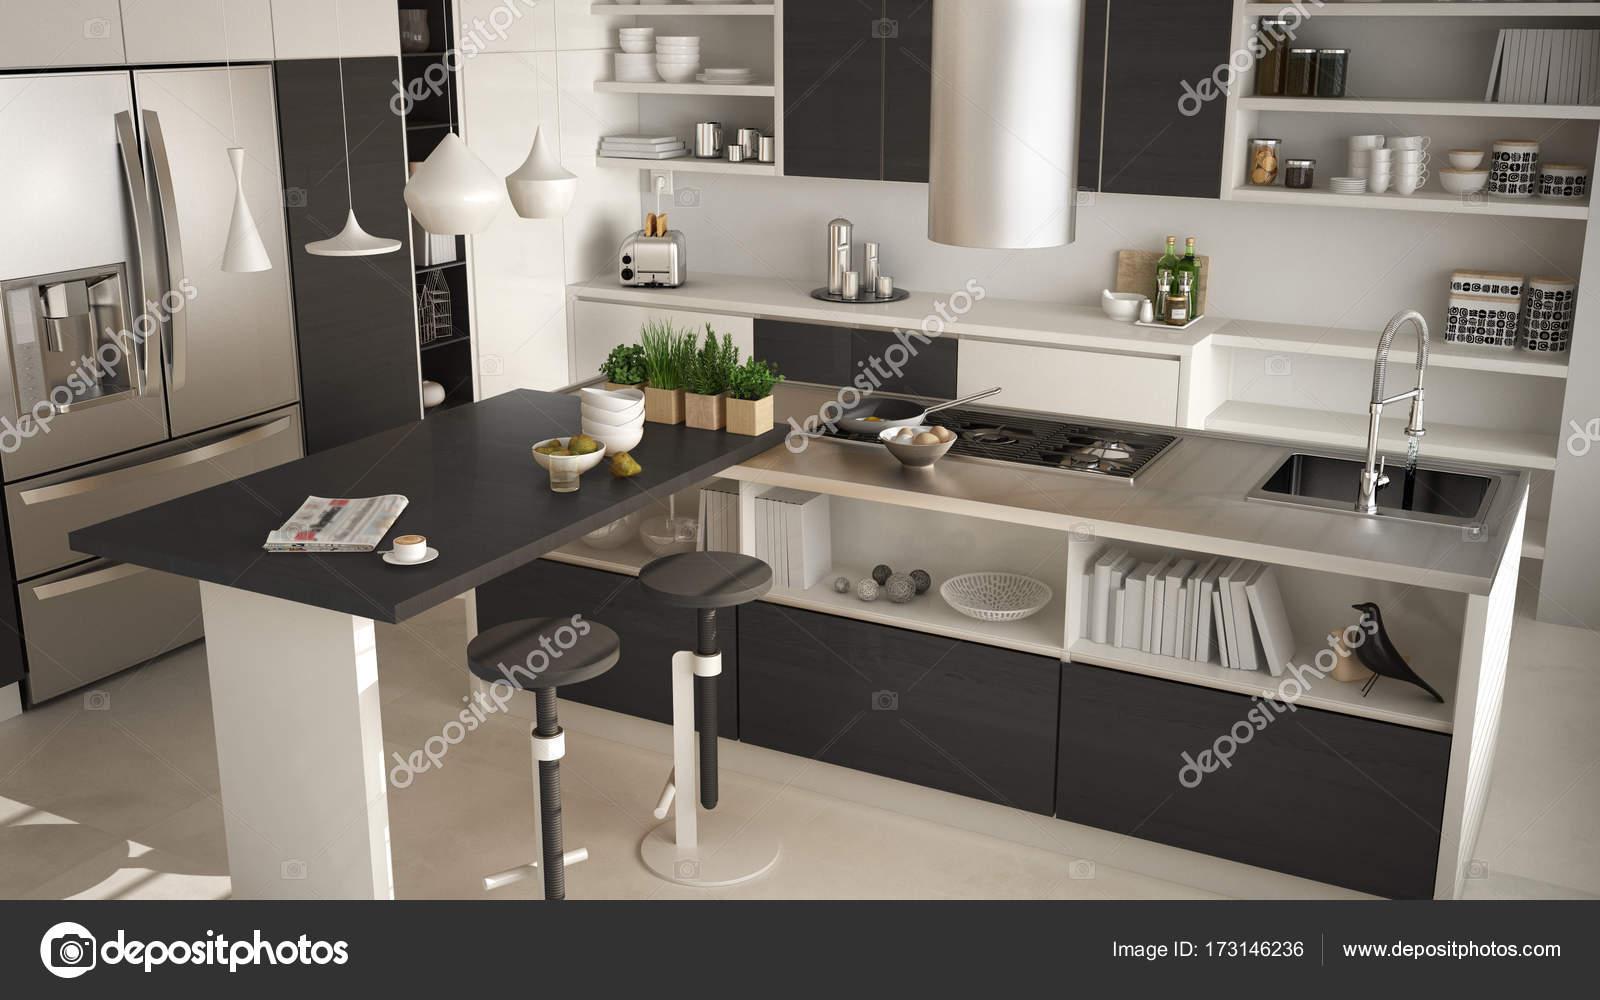 Cucina moderna in legno con particolari in legno primi piani isola